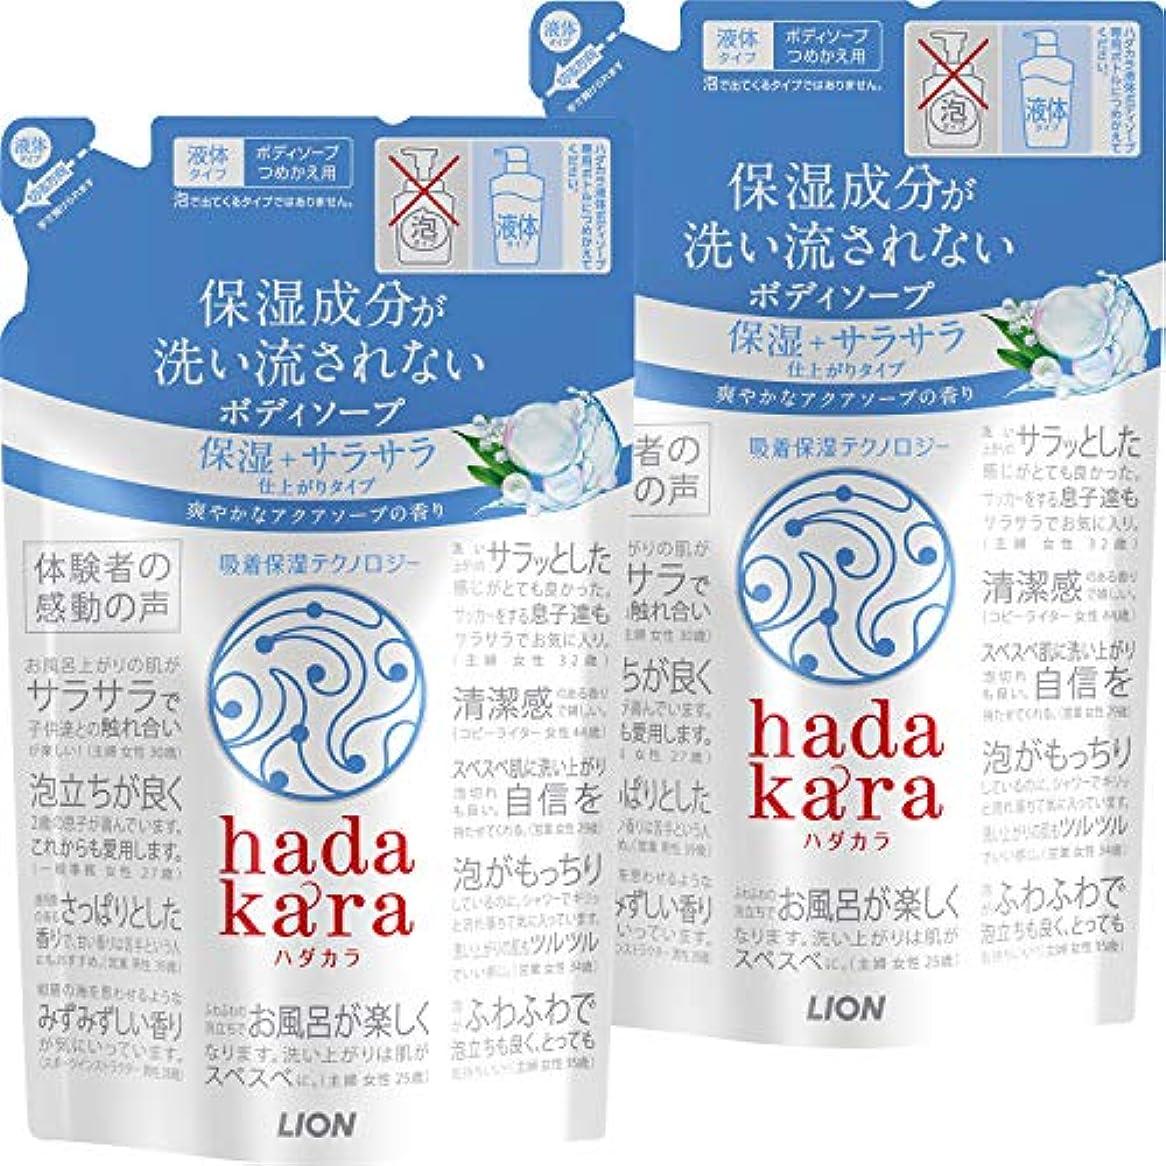 オペレーターウェイトレス妖精【まとめ買い】hadakara(ハダカラ) ボディソープ 保湿+サラサラ仕上がりタイプ アクアソープの香り 詰め替え 340ml×2個パック